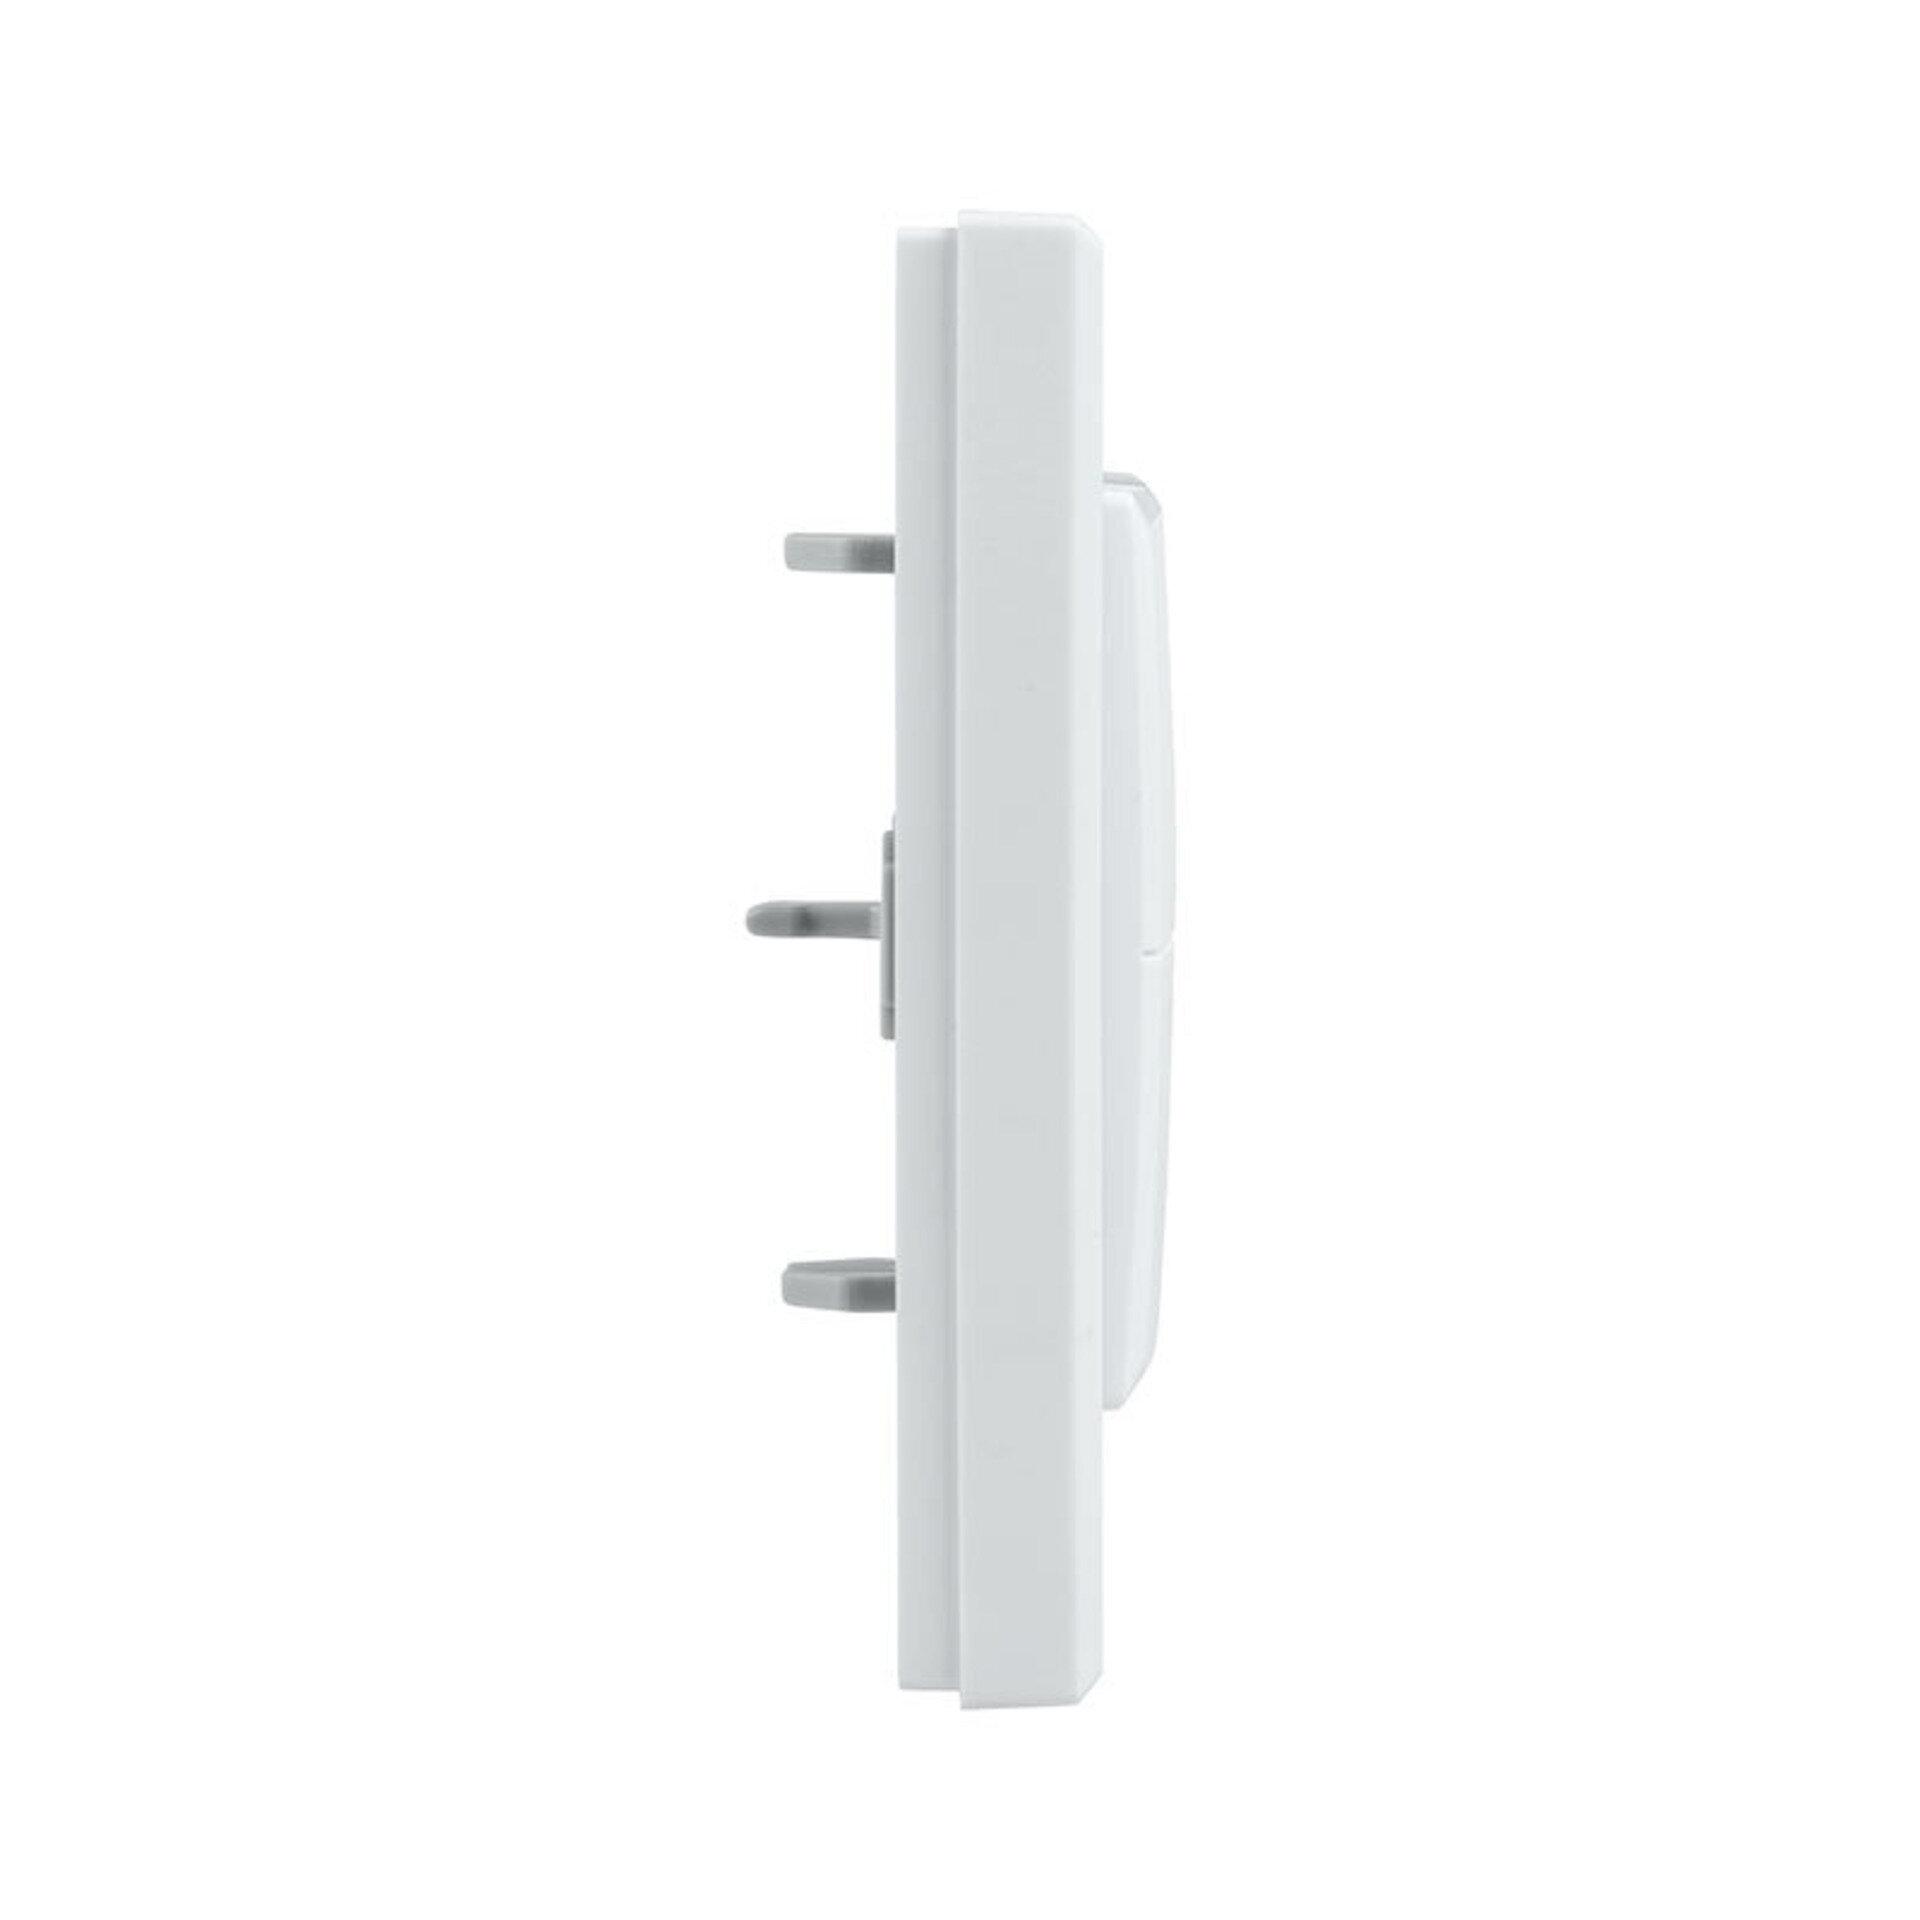 Homematic IP капачка за бутон комплект KOPP рамка, капачка и адаптер